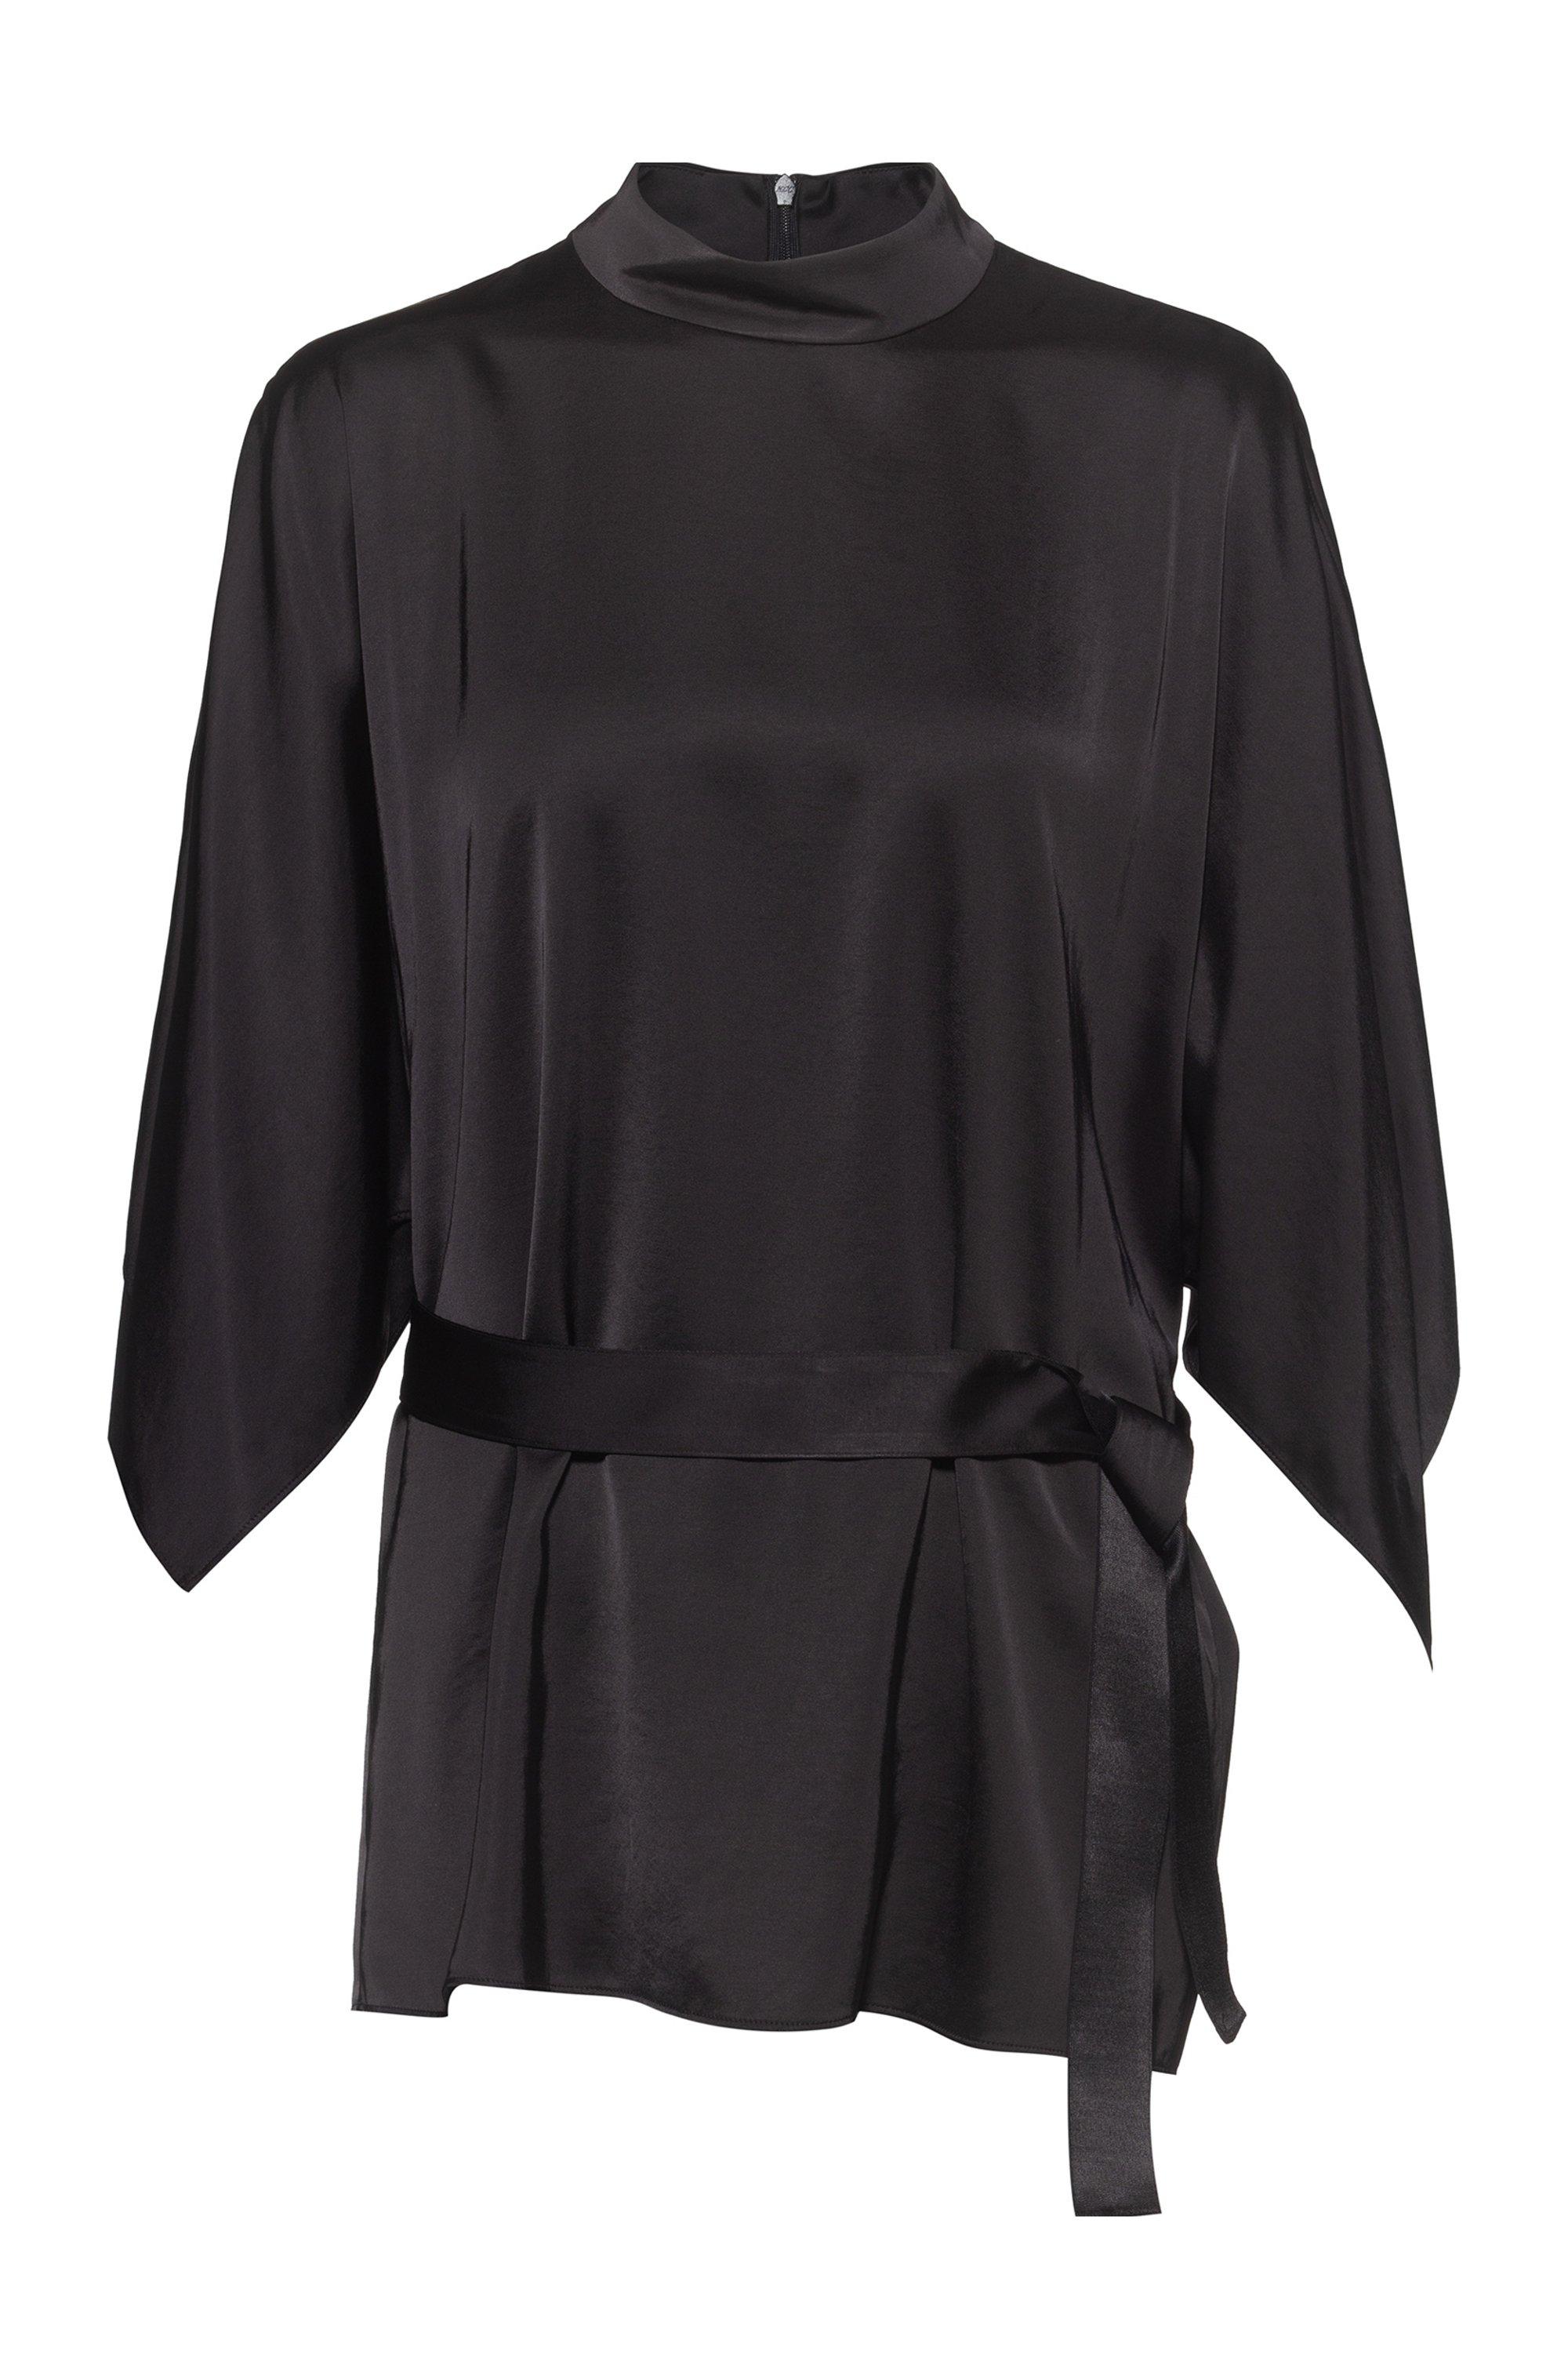 Top mit Gürtel, Kimonoärmeln und Stehkragen, Schwarz